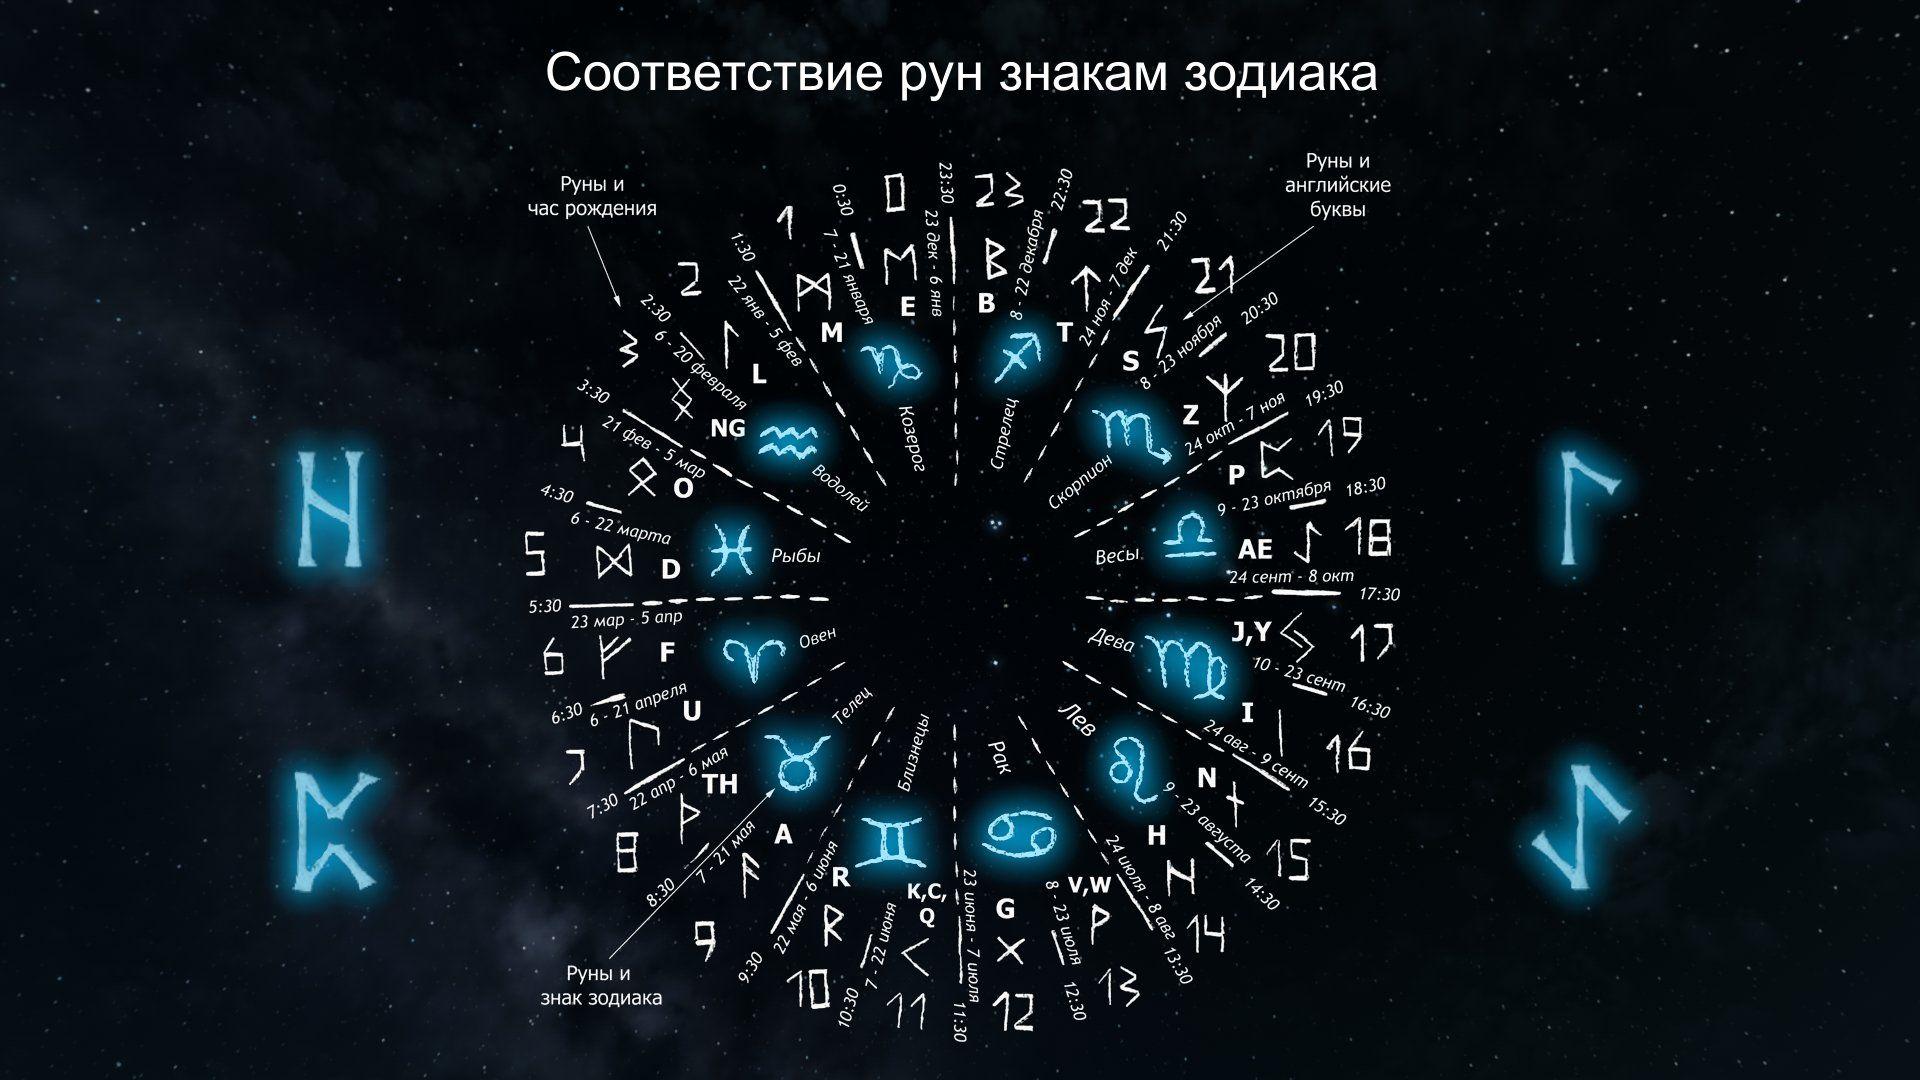 Соответствие рун знакам зодиака